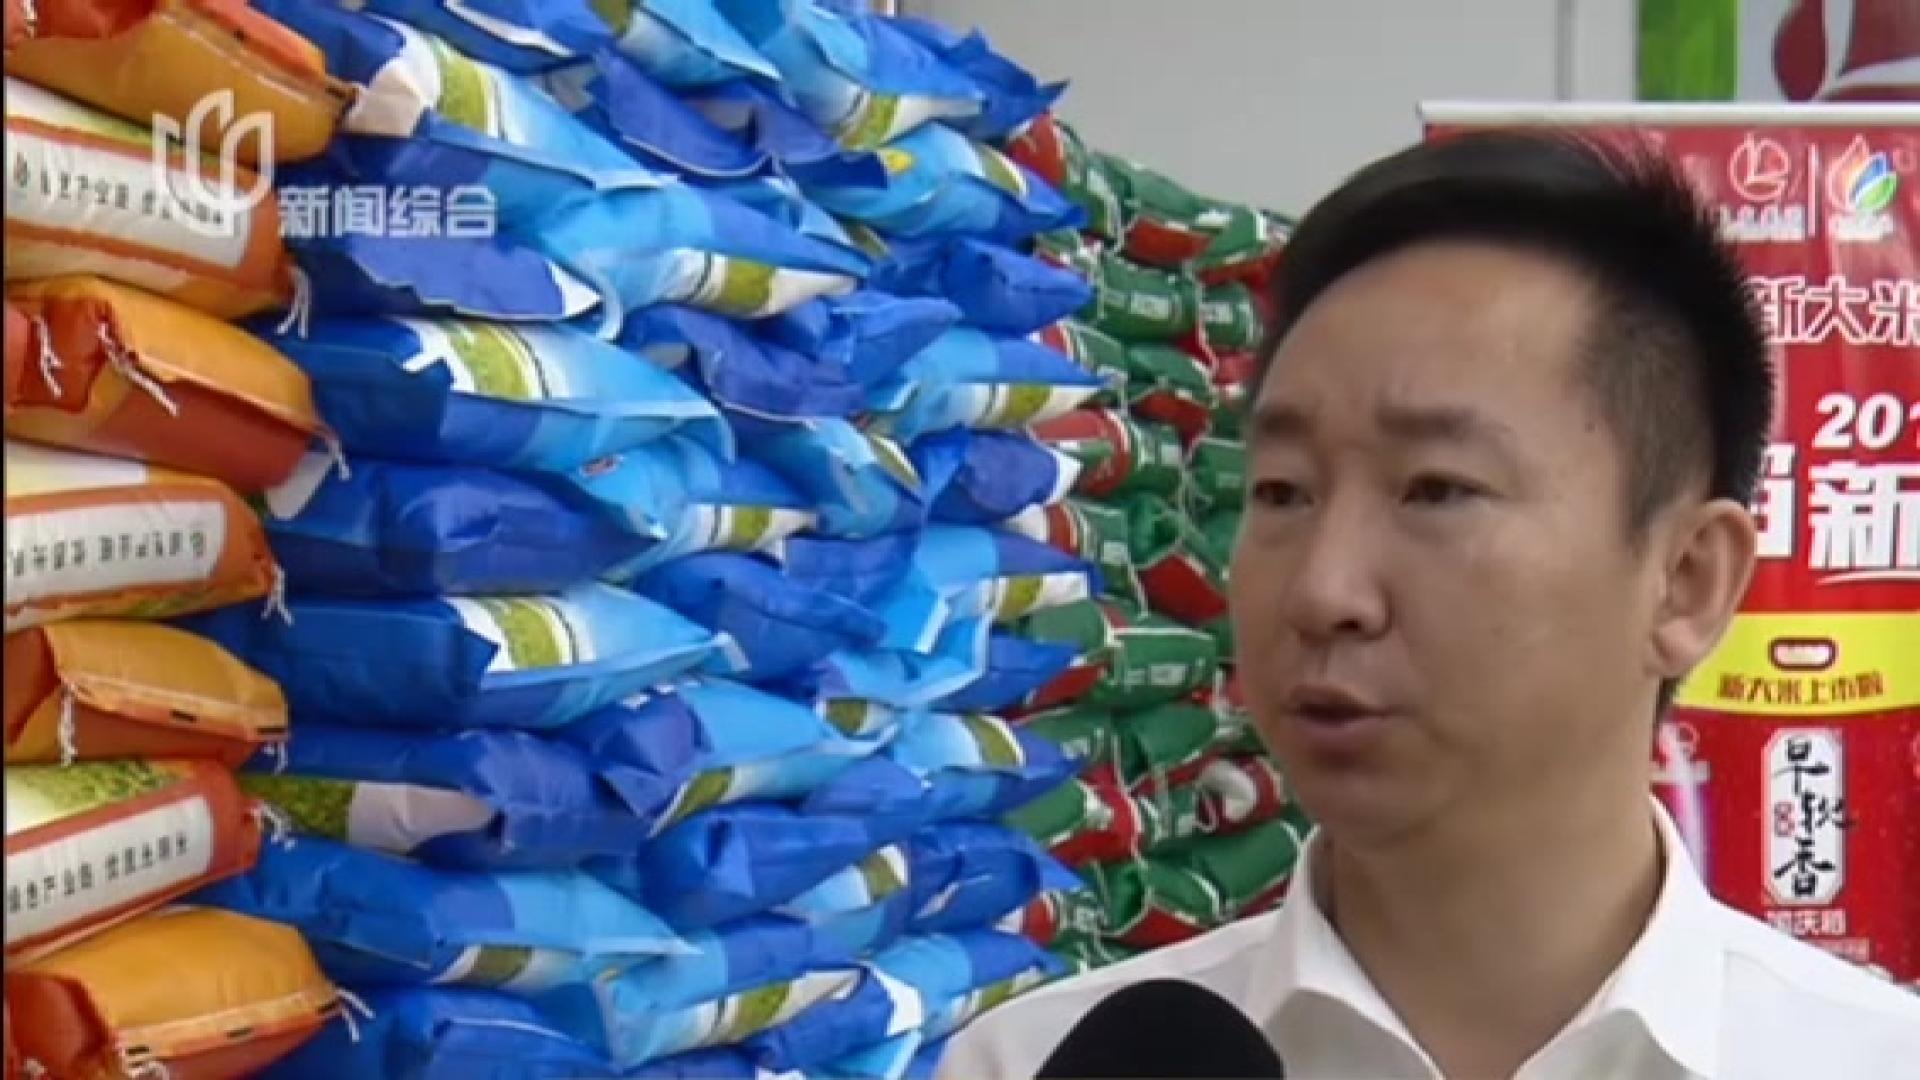 上海持续扩大域外海外粮源基地  三大粮食主基地新大米全面上架